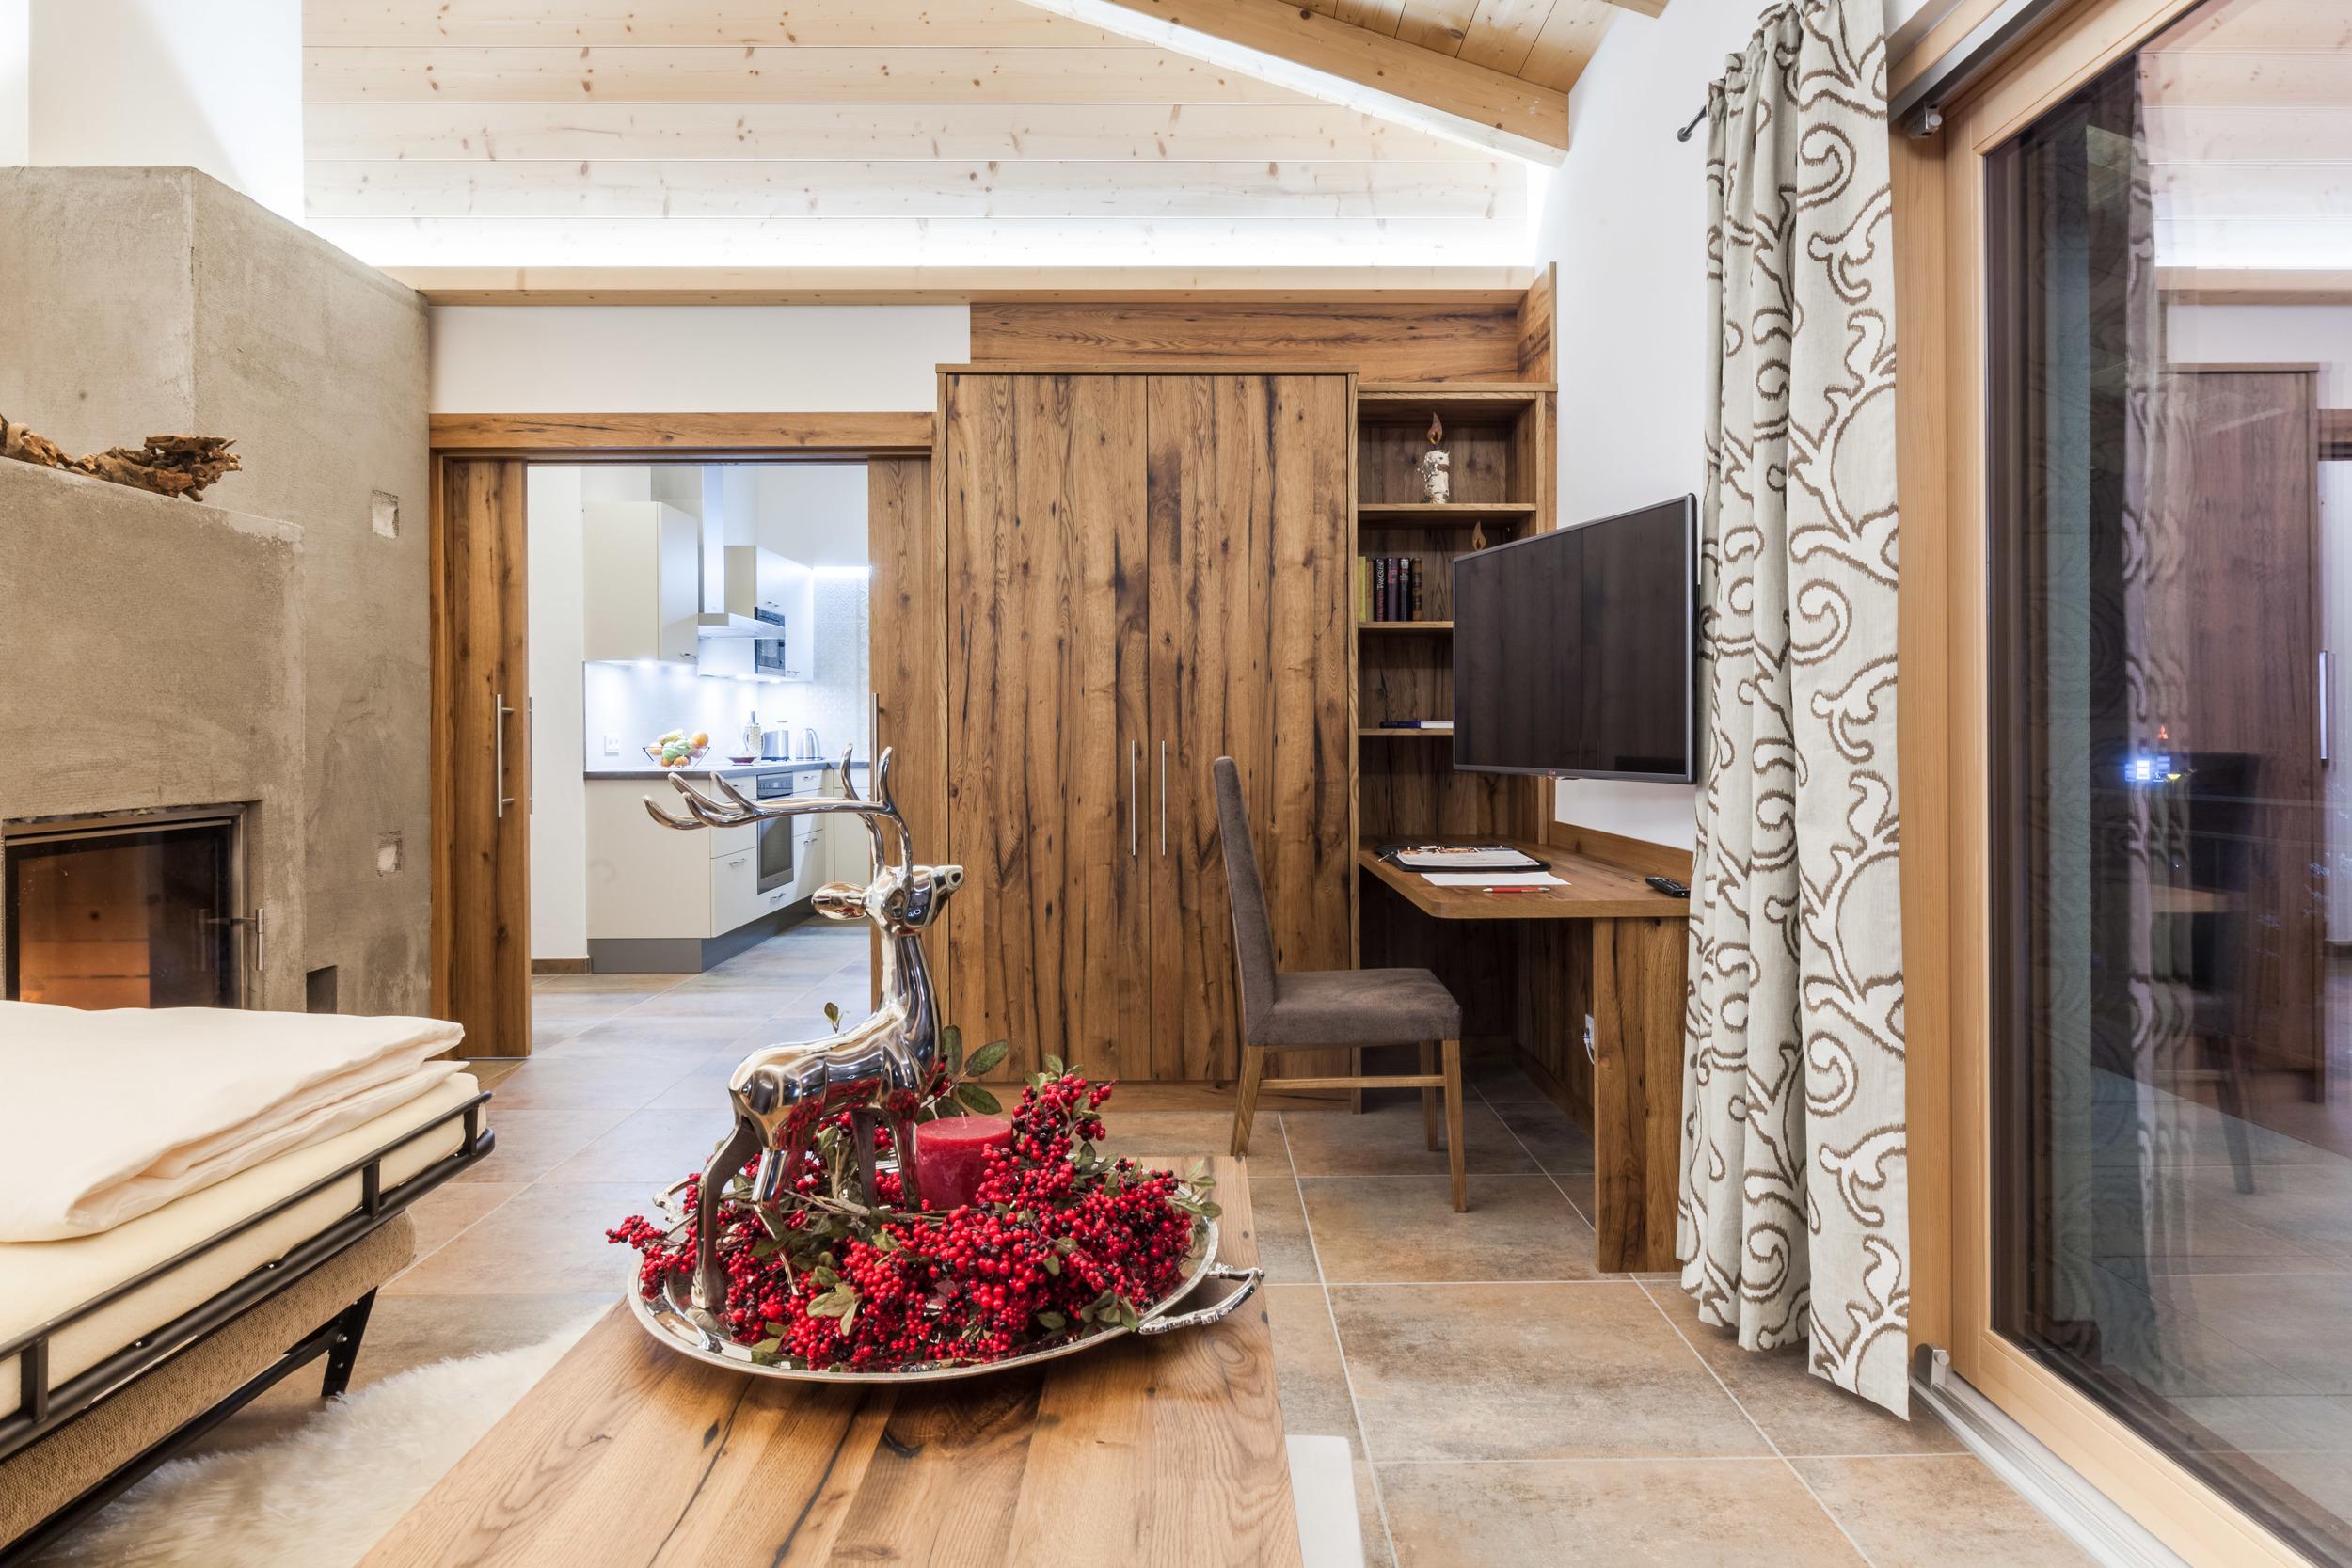 appartement-suites-liana-sophie-neukirchen-ferienwohnung-xxl-wohnung-2